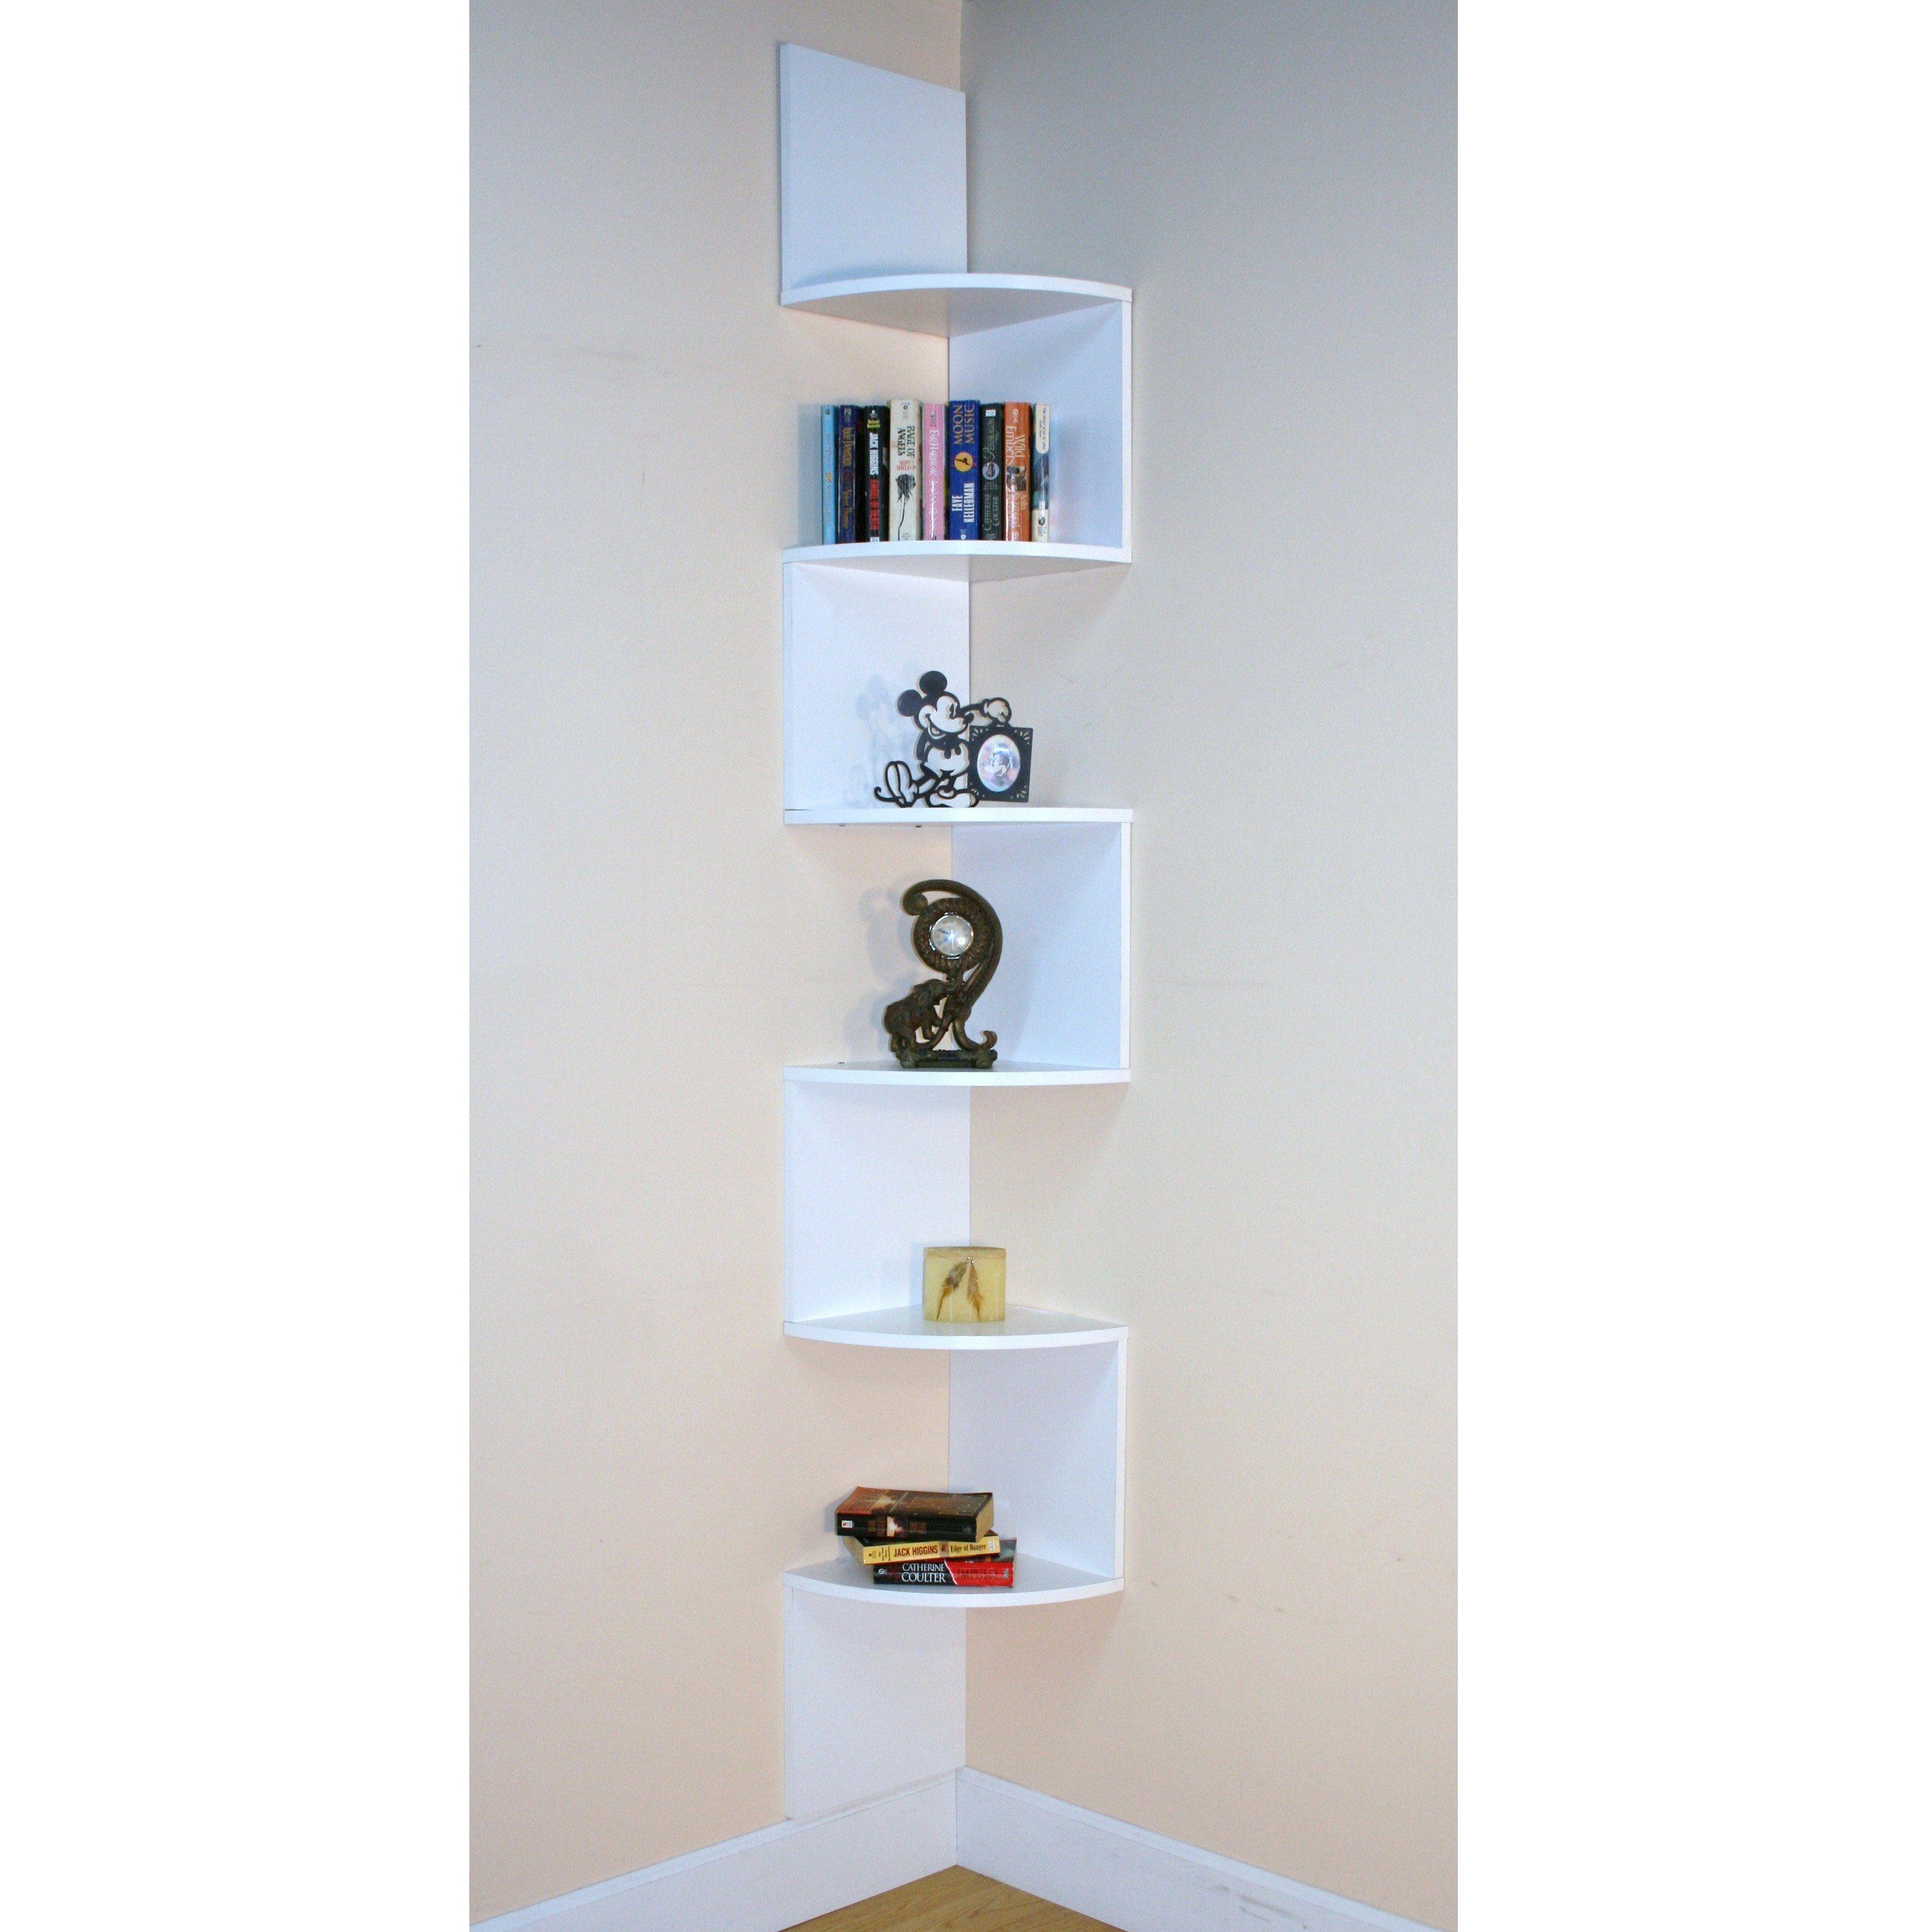 Contemporary Corner Shelf have to have it. premier 6 shelf corner bookcase -white $69.98